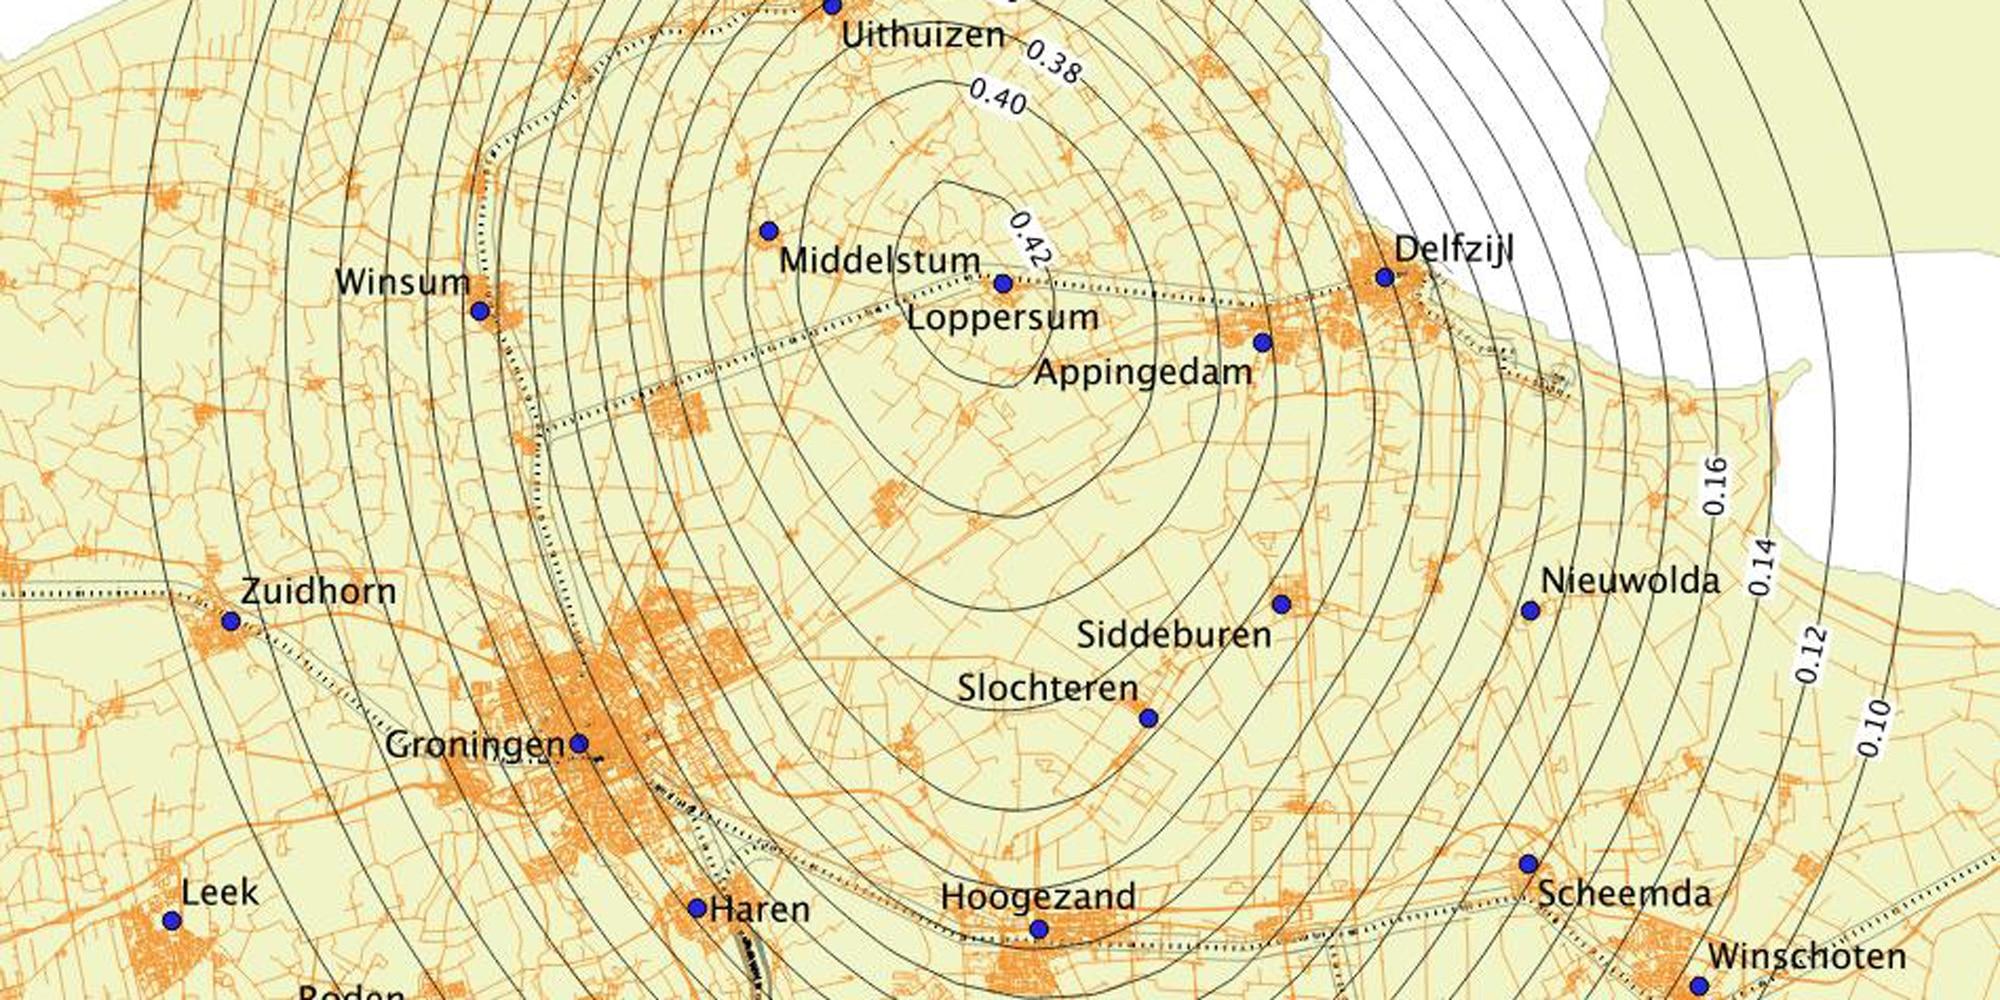 Aardbevingen risico voor ondergrondse infrastructuur?